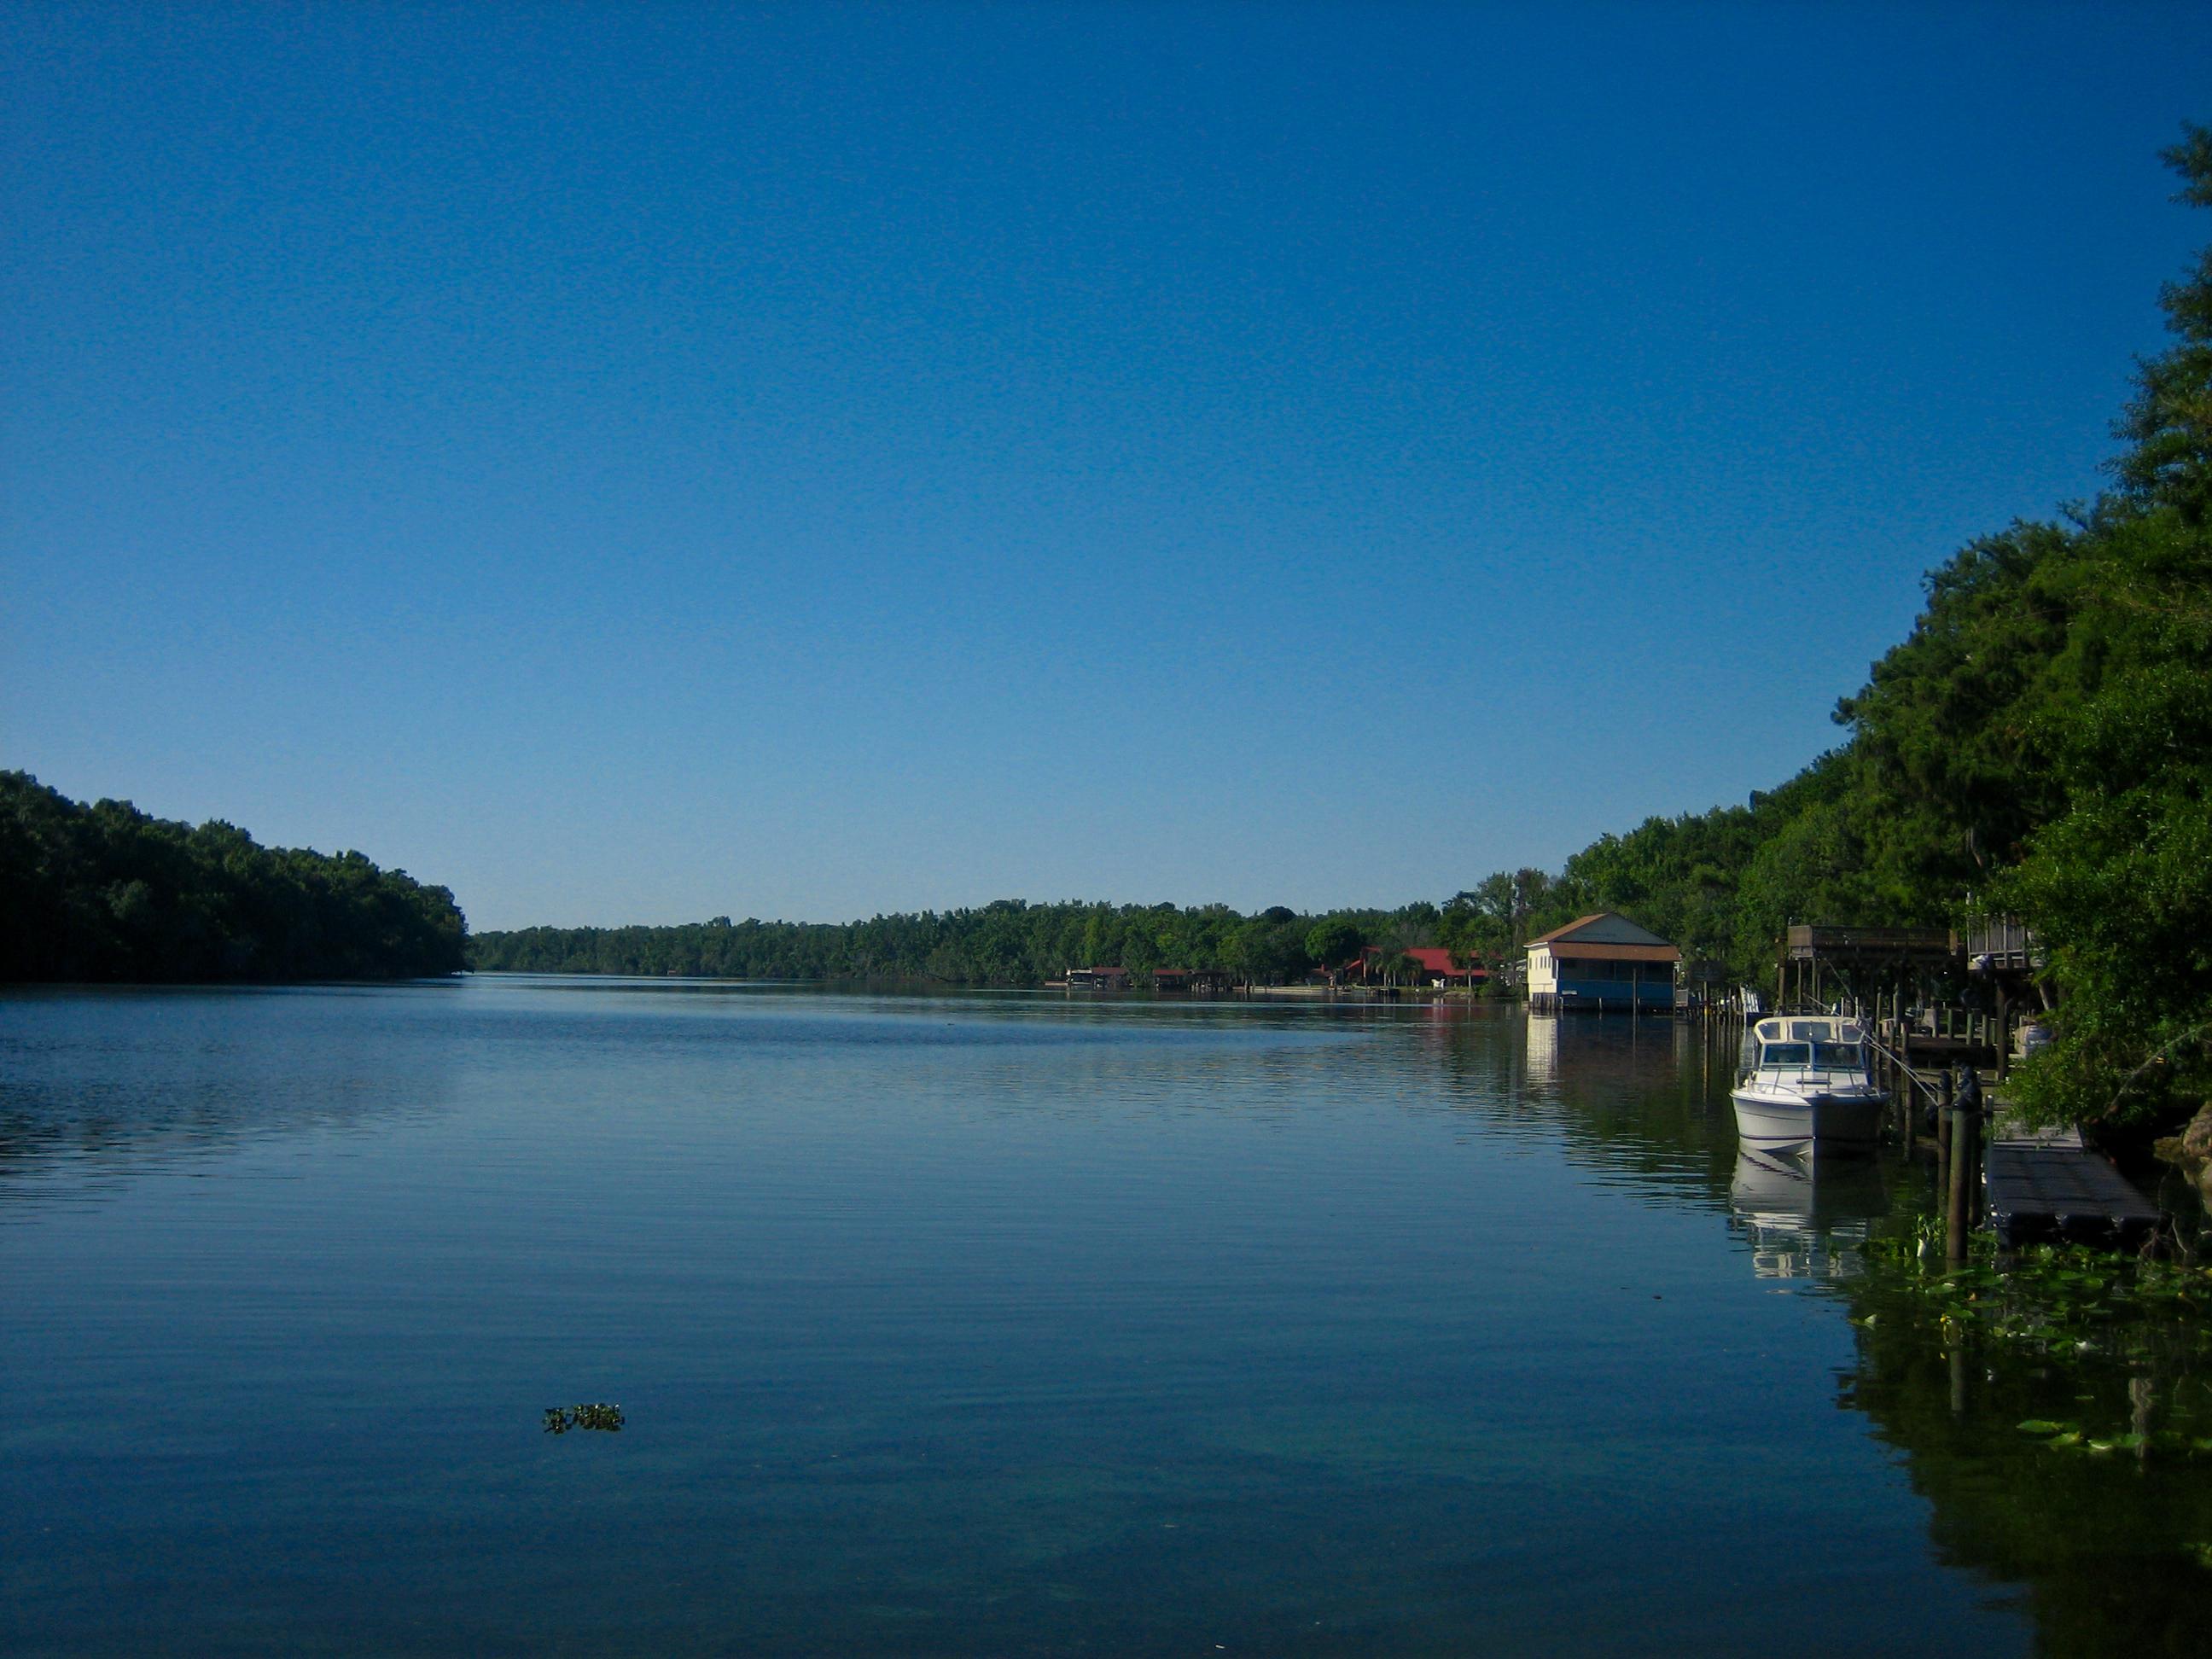 St. Johns River Backgrounds, Compatible - PC, Mobile, Gadgets  2592x1944 px